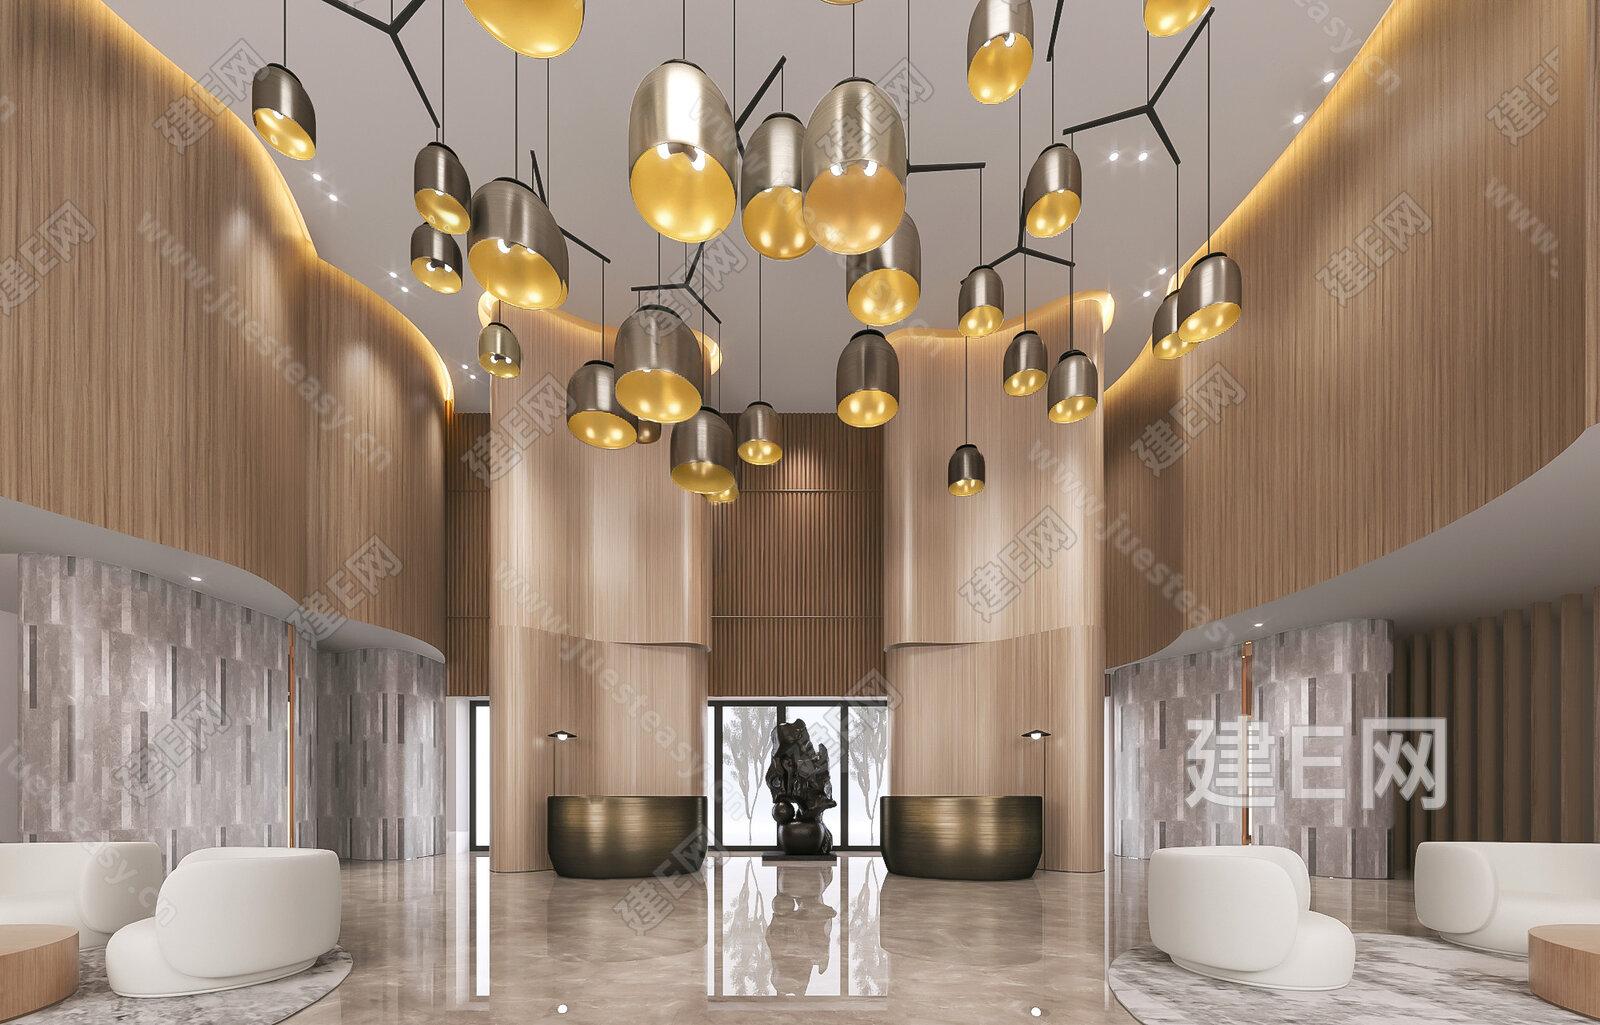 牧笛设计 现代售楼处接待区3d模型